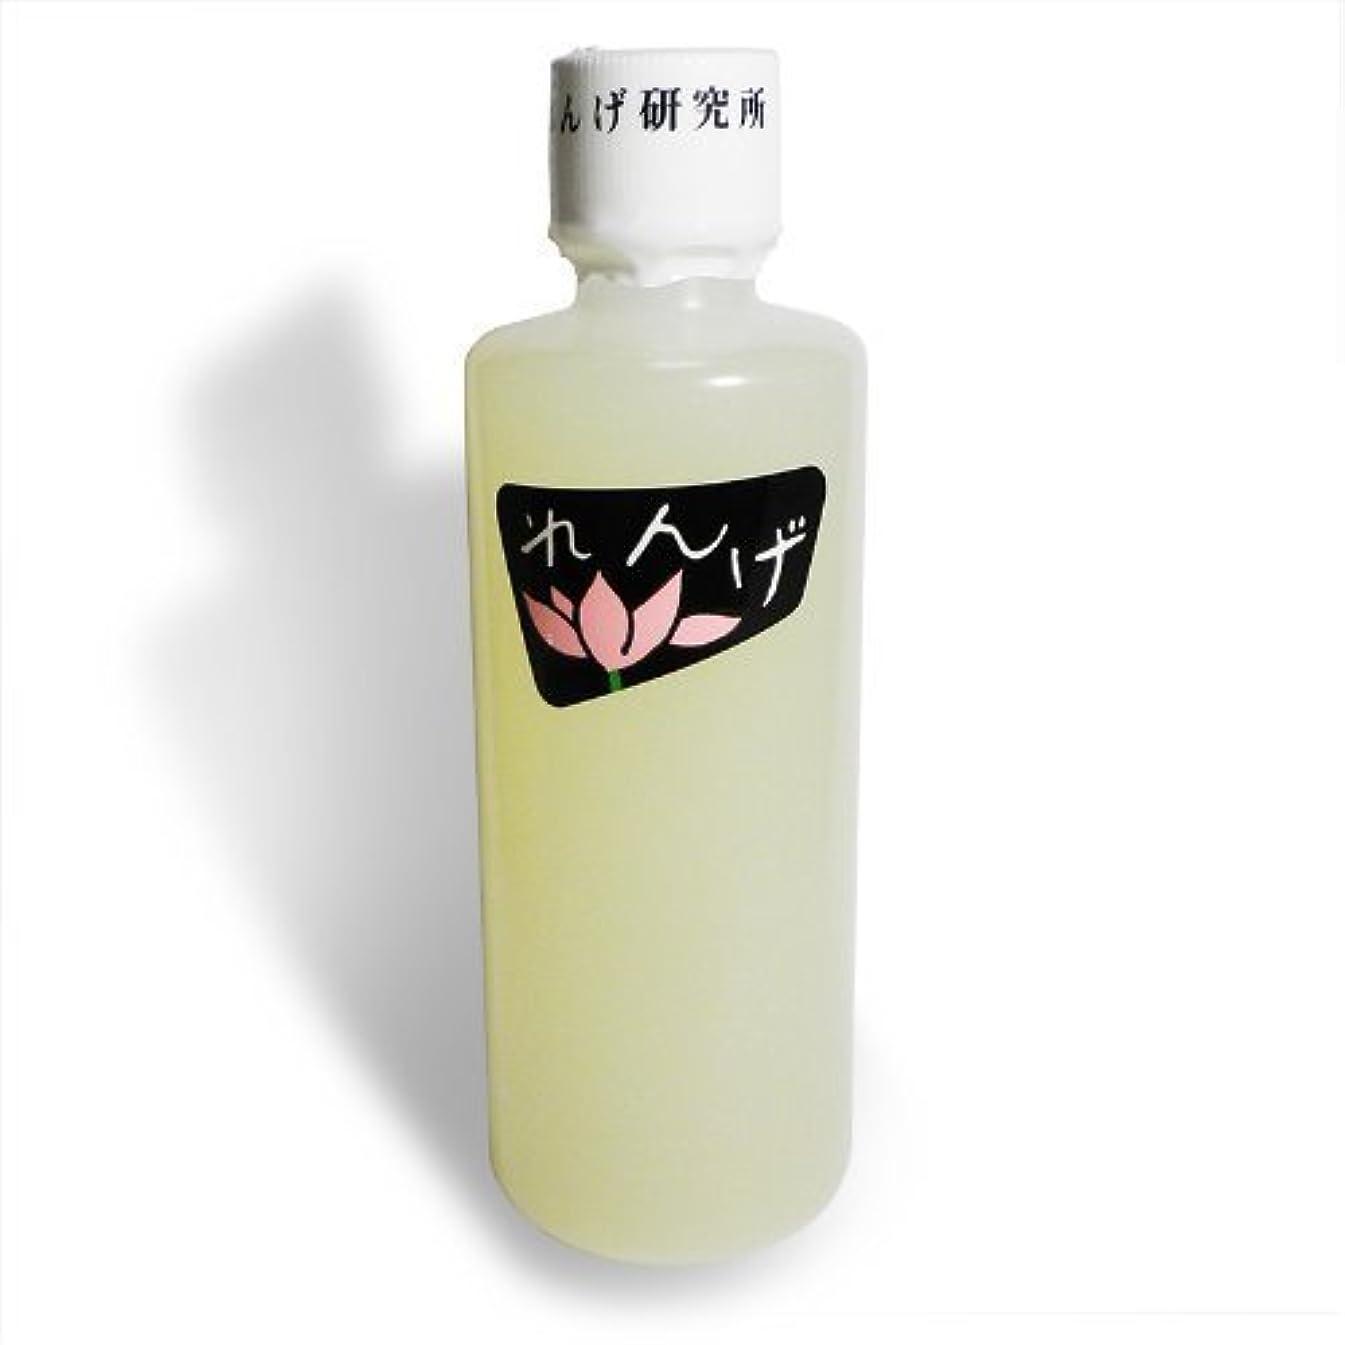 ボーナスページニックネームれんげ研究所 れんげ化粧水 140cc×3本